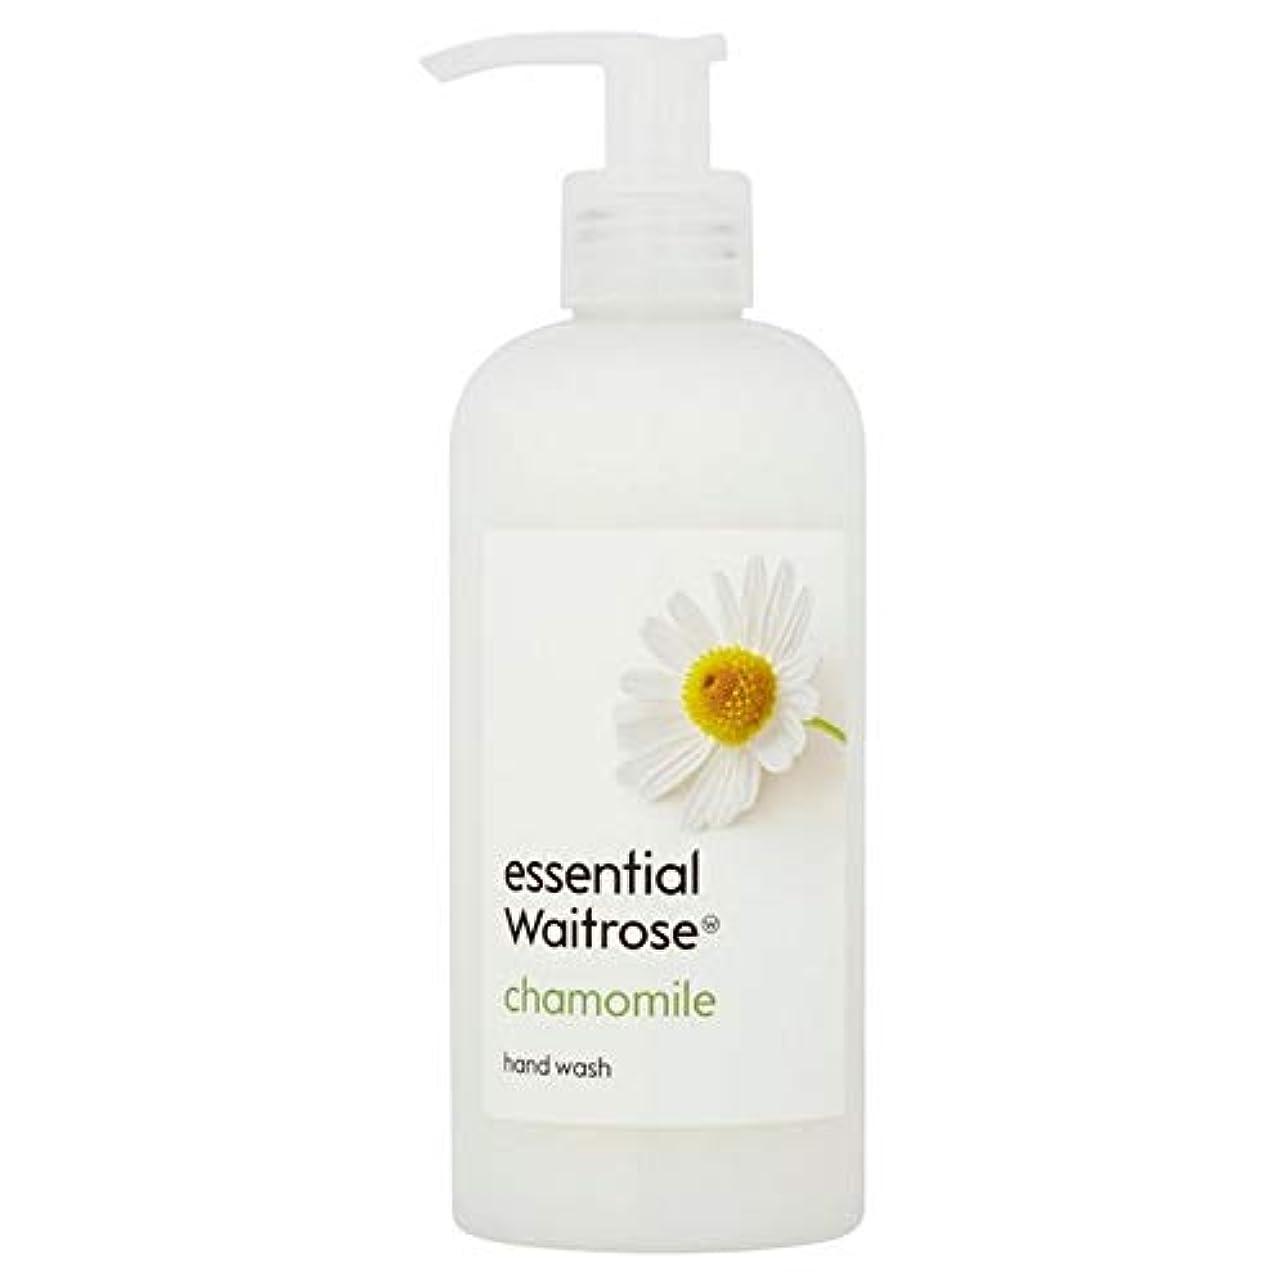 インチスイ詐欺[Waitrose ] 基本的なウェイトローズのハンドウォッシュカモミール300ミリリットル - Essential Waitrose Hand Wash Chamomile 300ml [並行輸入品]